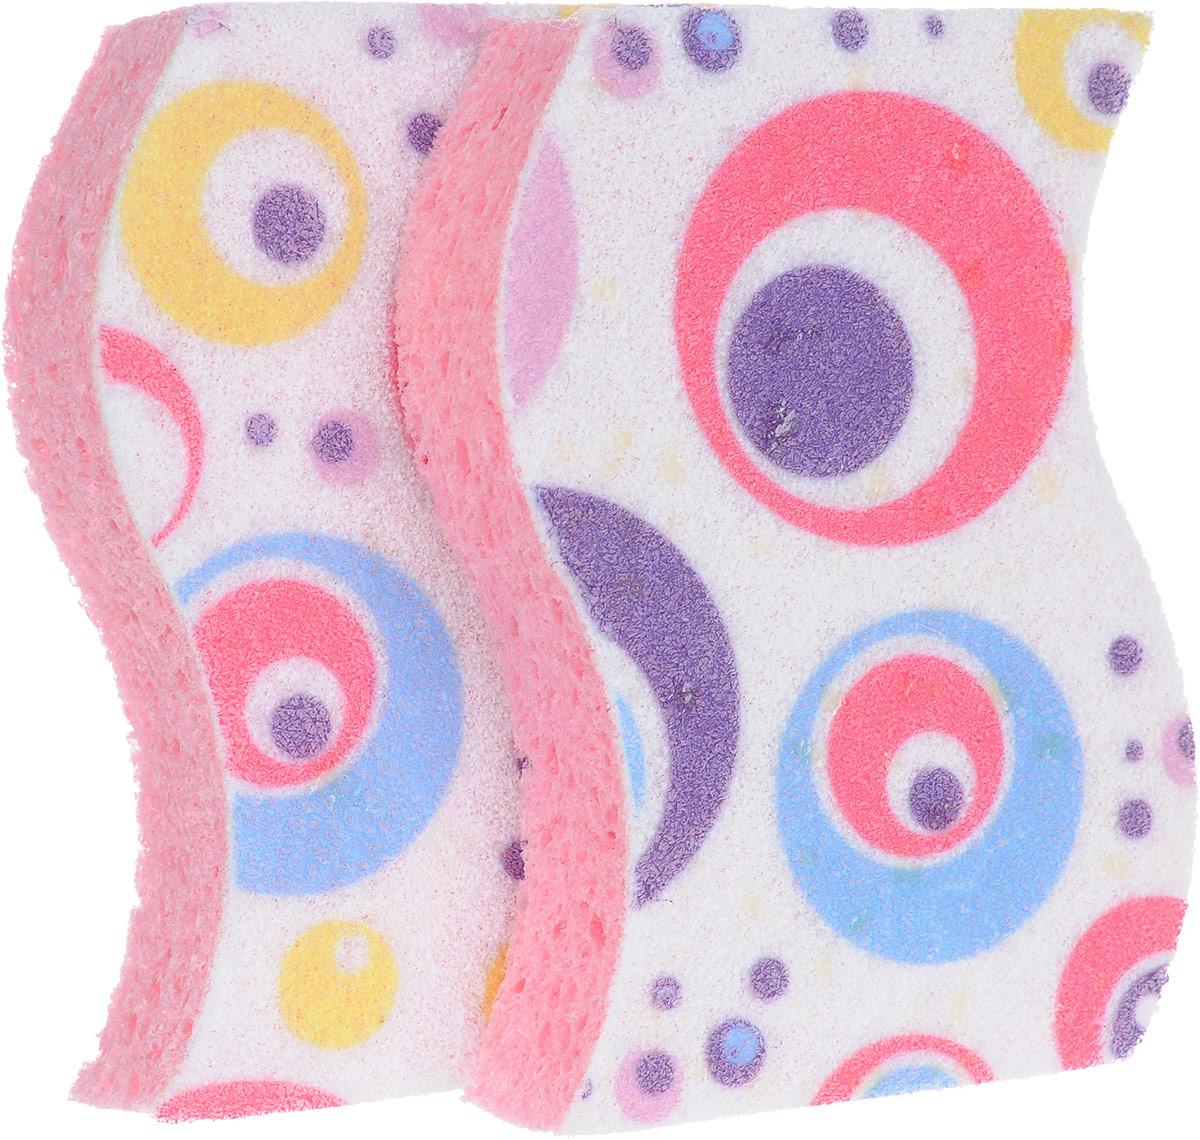 Набор губок Rozenbal, для ванной, цвет: розовый, фиолетовый, белый, 2 шт держатель для губок marna sofis цвет коричневый